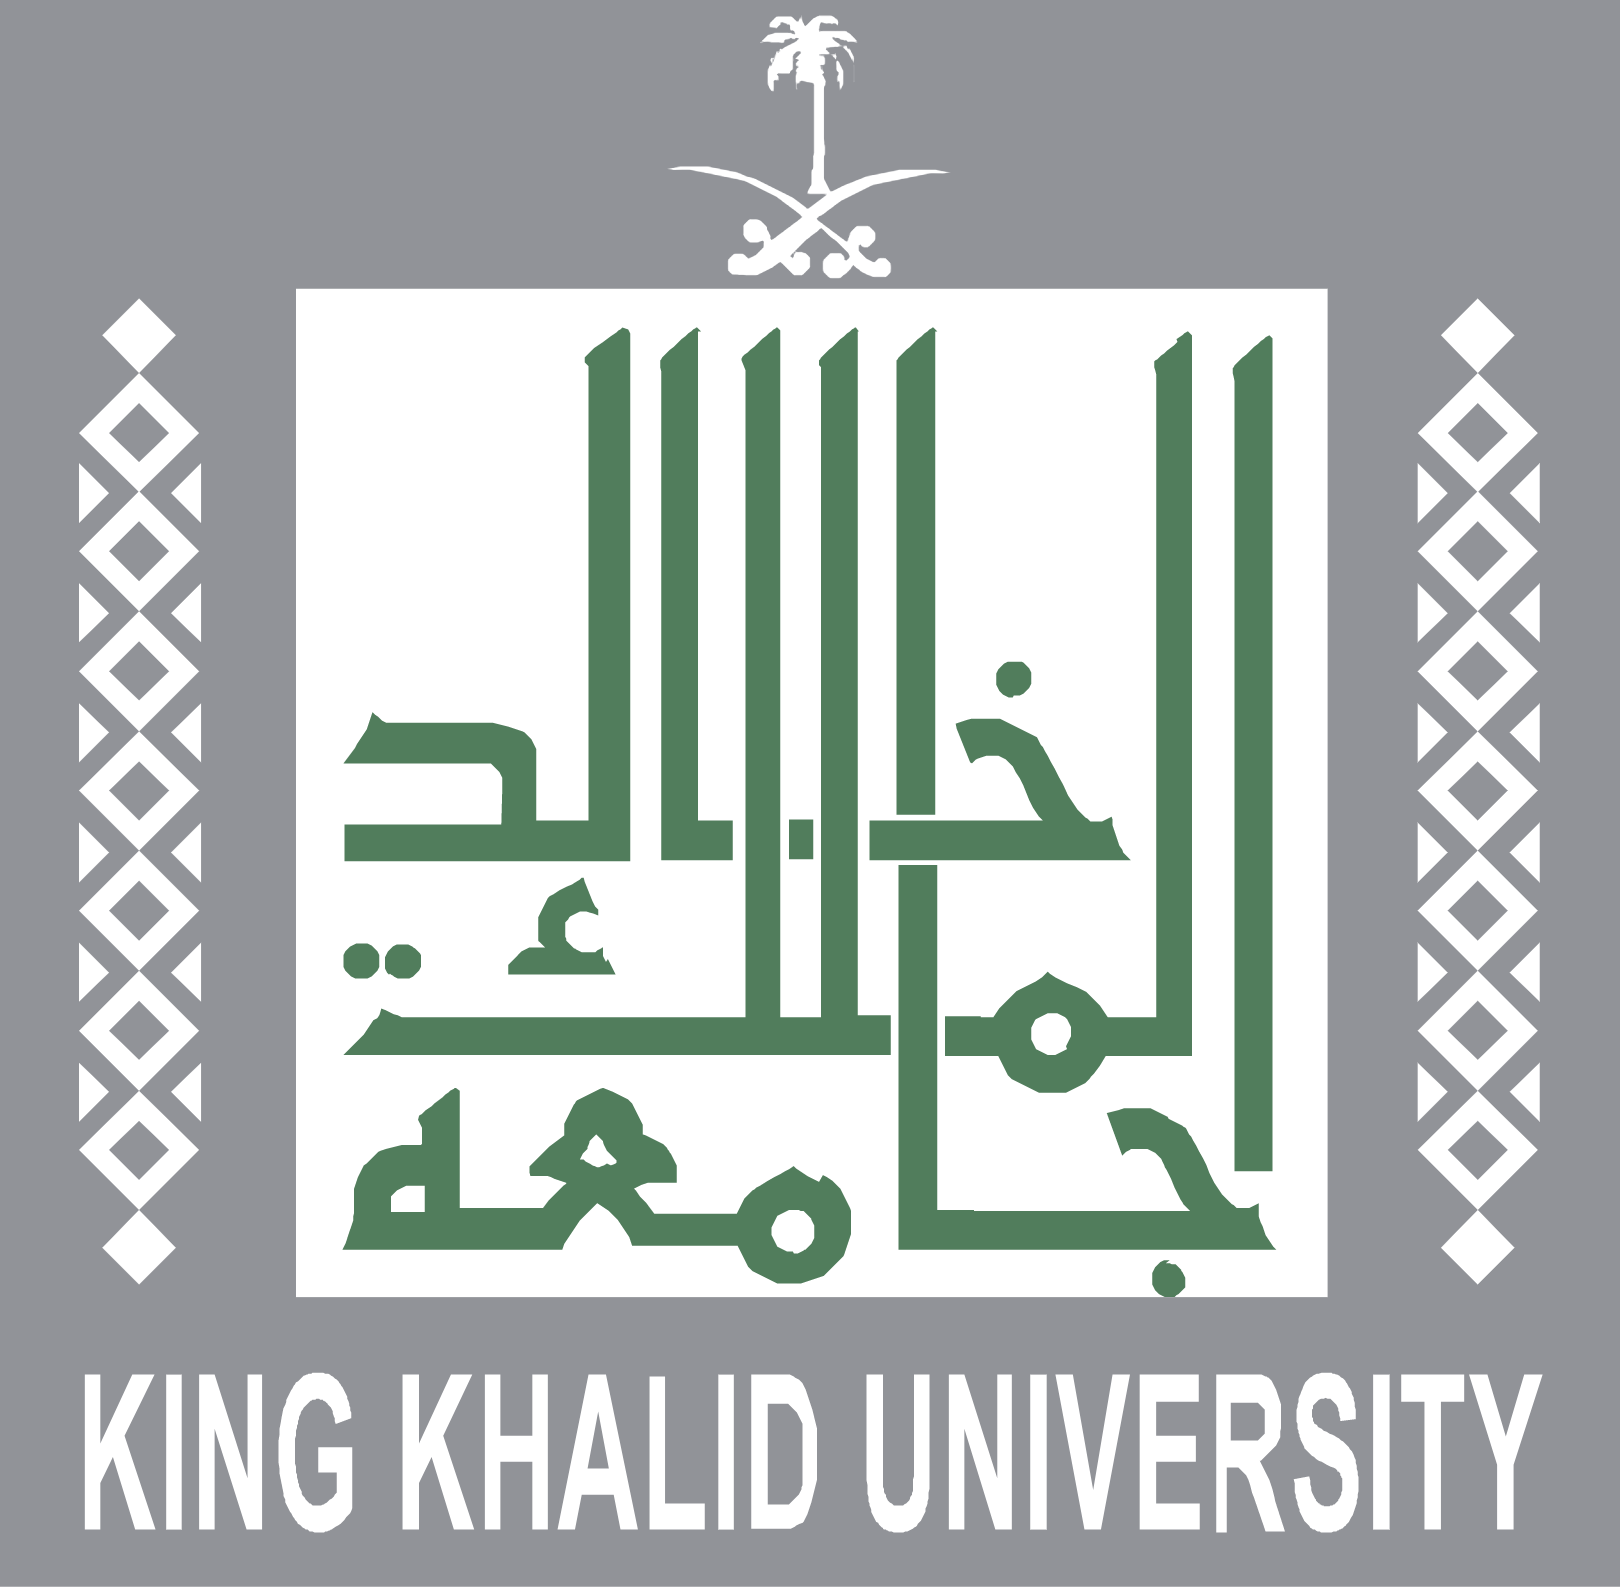 جامعة الملك خالد تعلن نتائج القبول ببرامج الدراسات العليا (غير المدفوعة الرسوم)